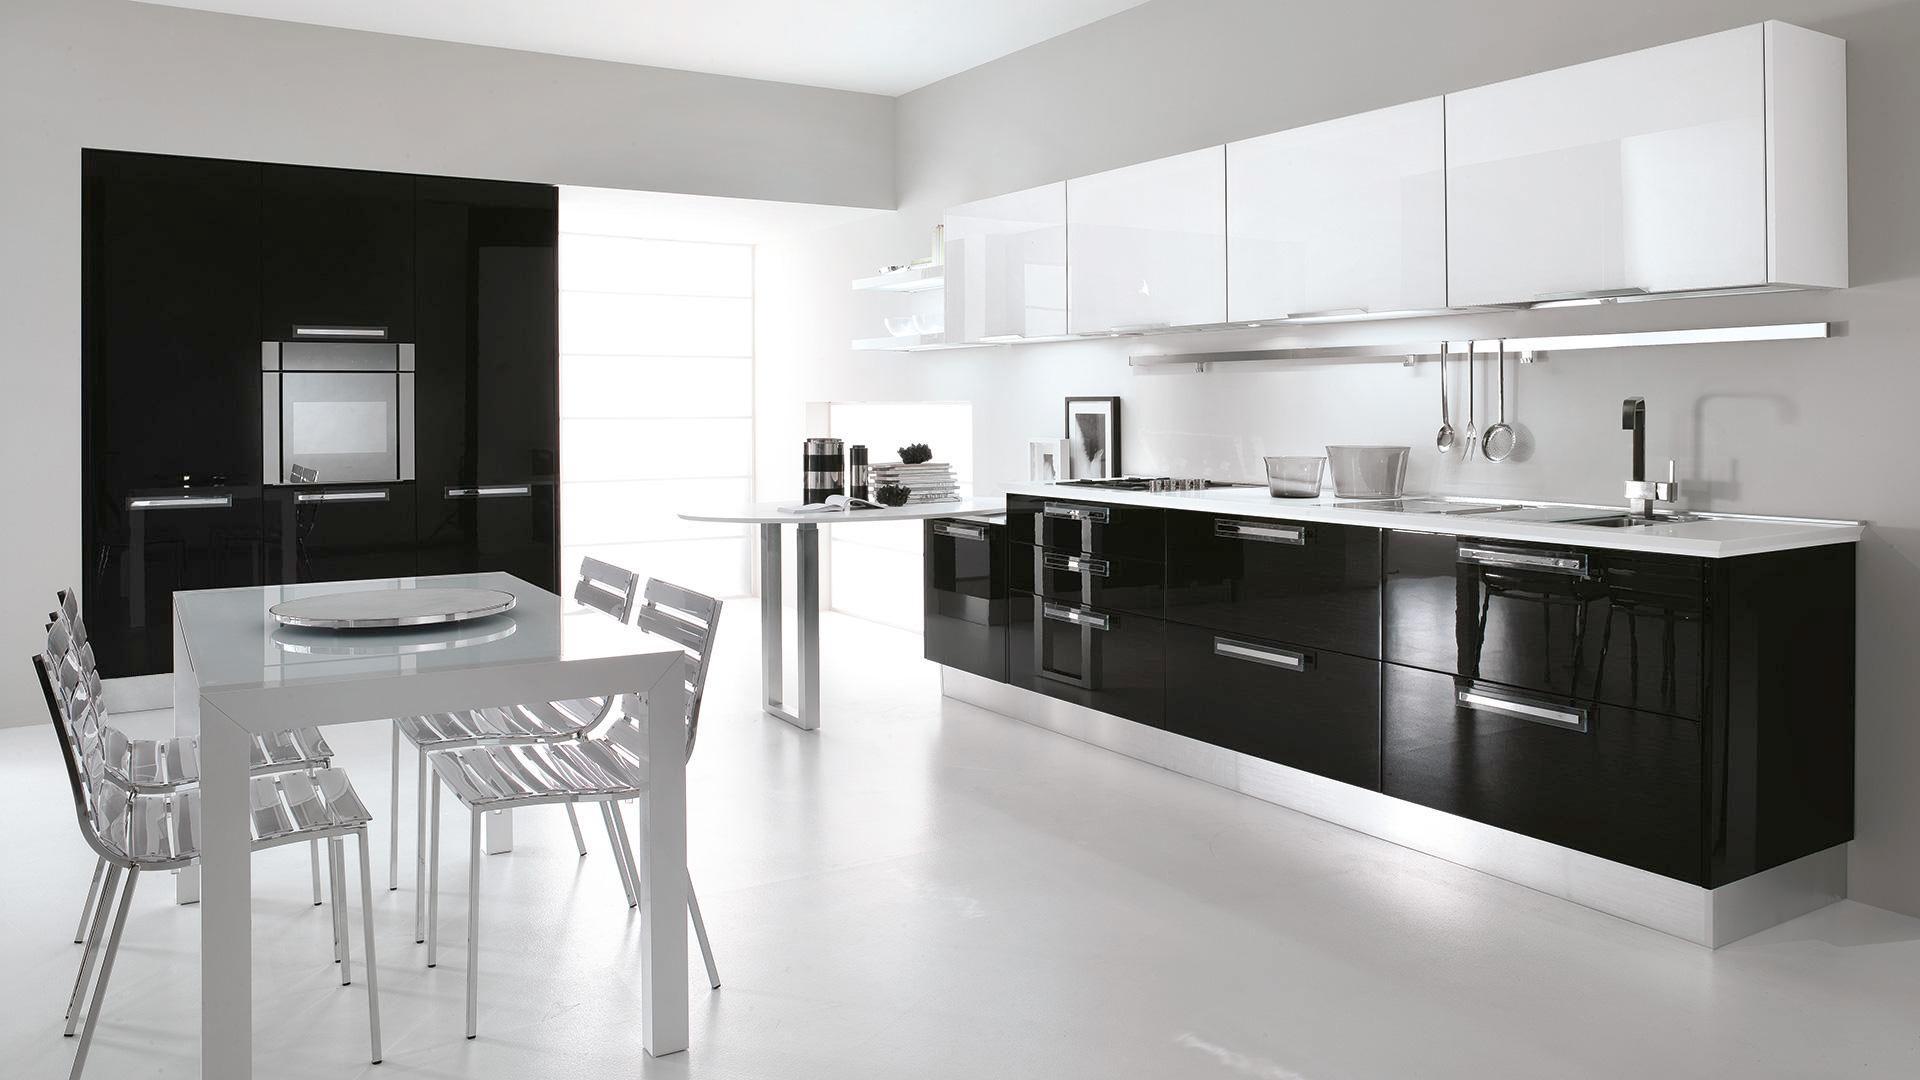 Comporre la cucina cool come progettare una cucina ad - Comporre una cucina ...